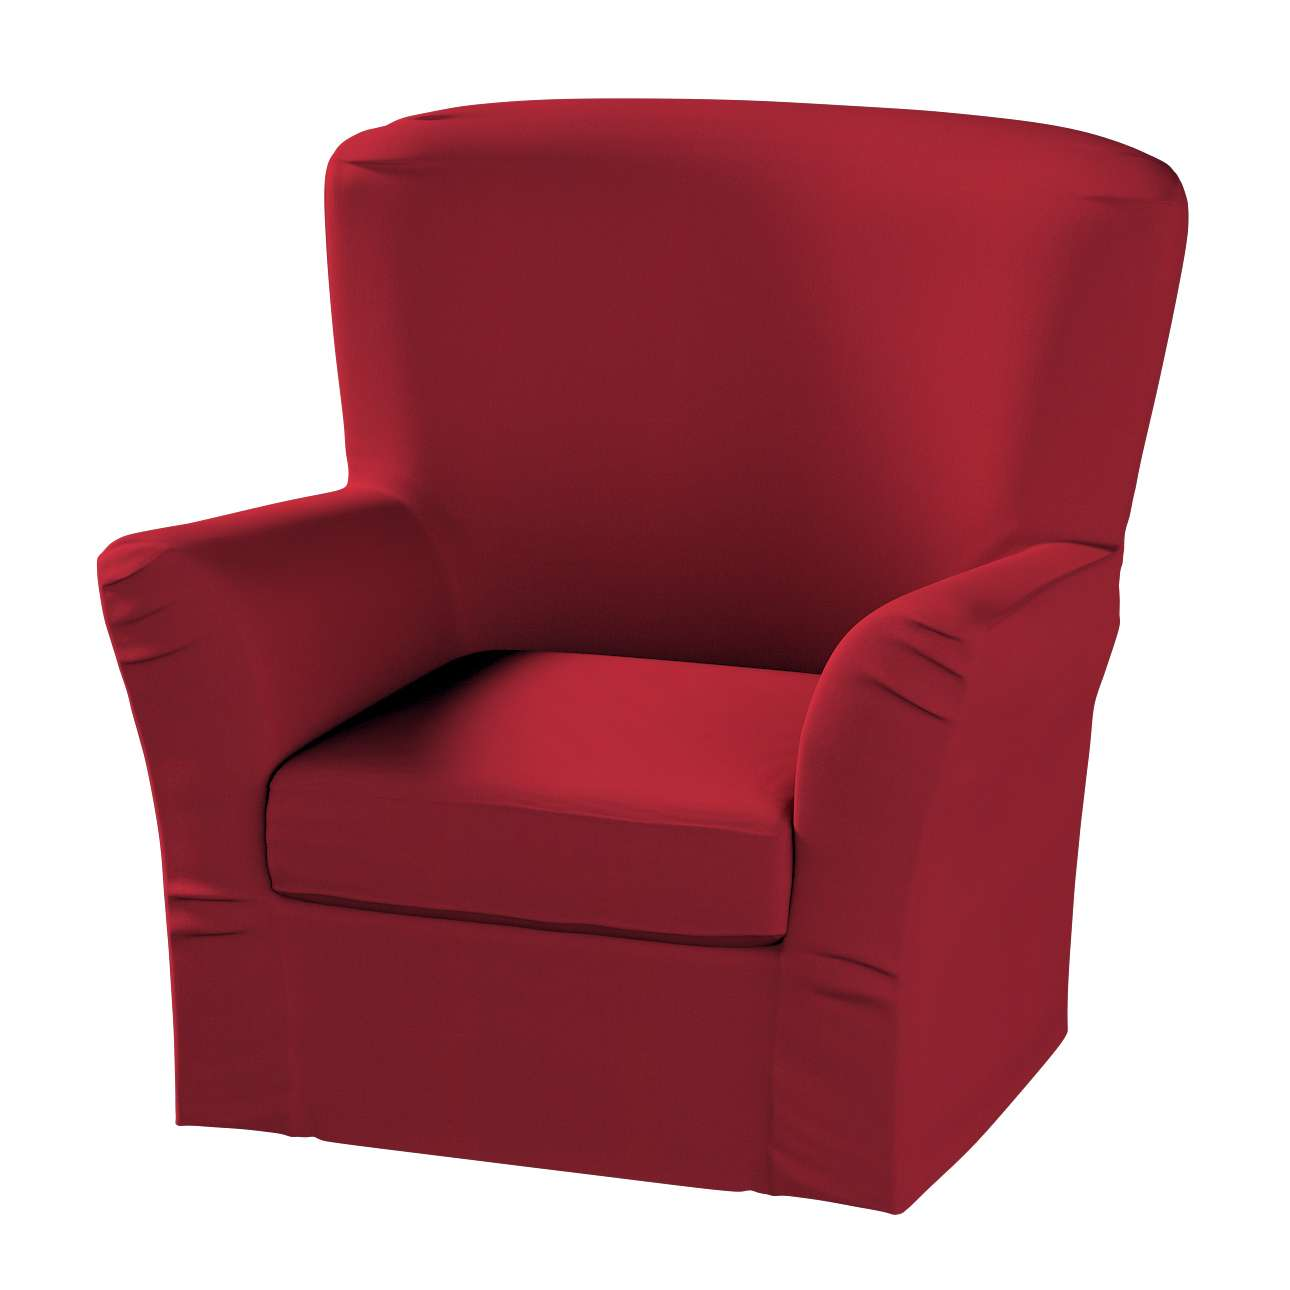 Pokrowiec na fotel Tomelilla z zakładkami w kolekcji Chenille, tkanina: 702-24